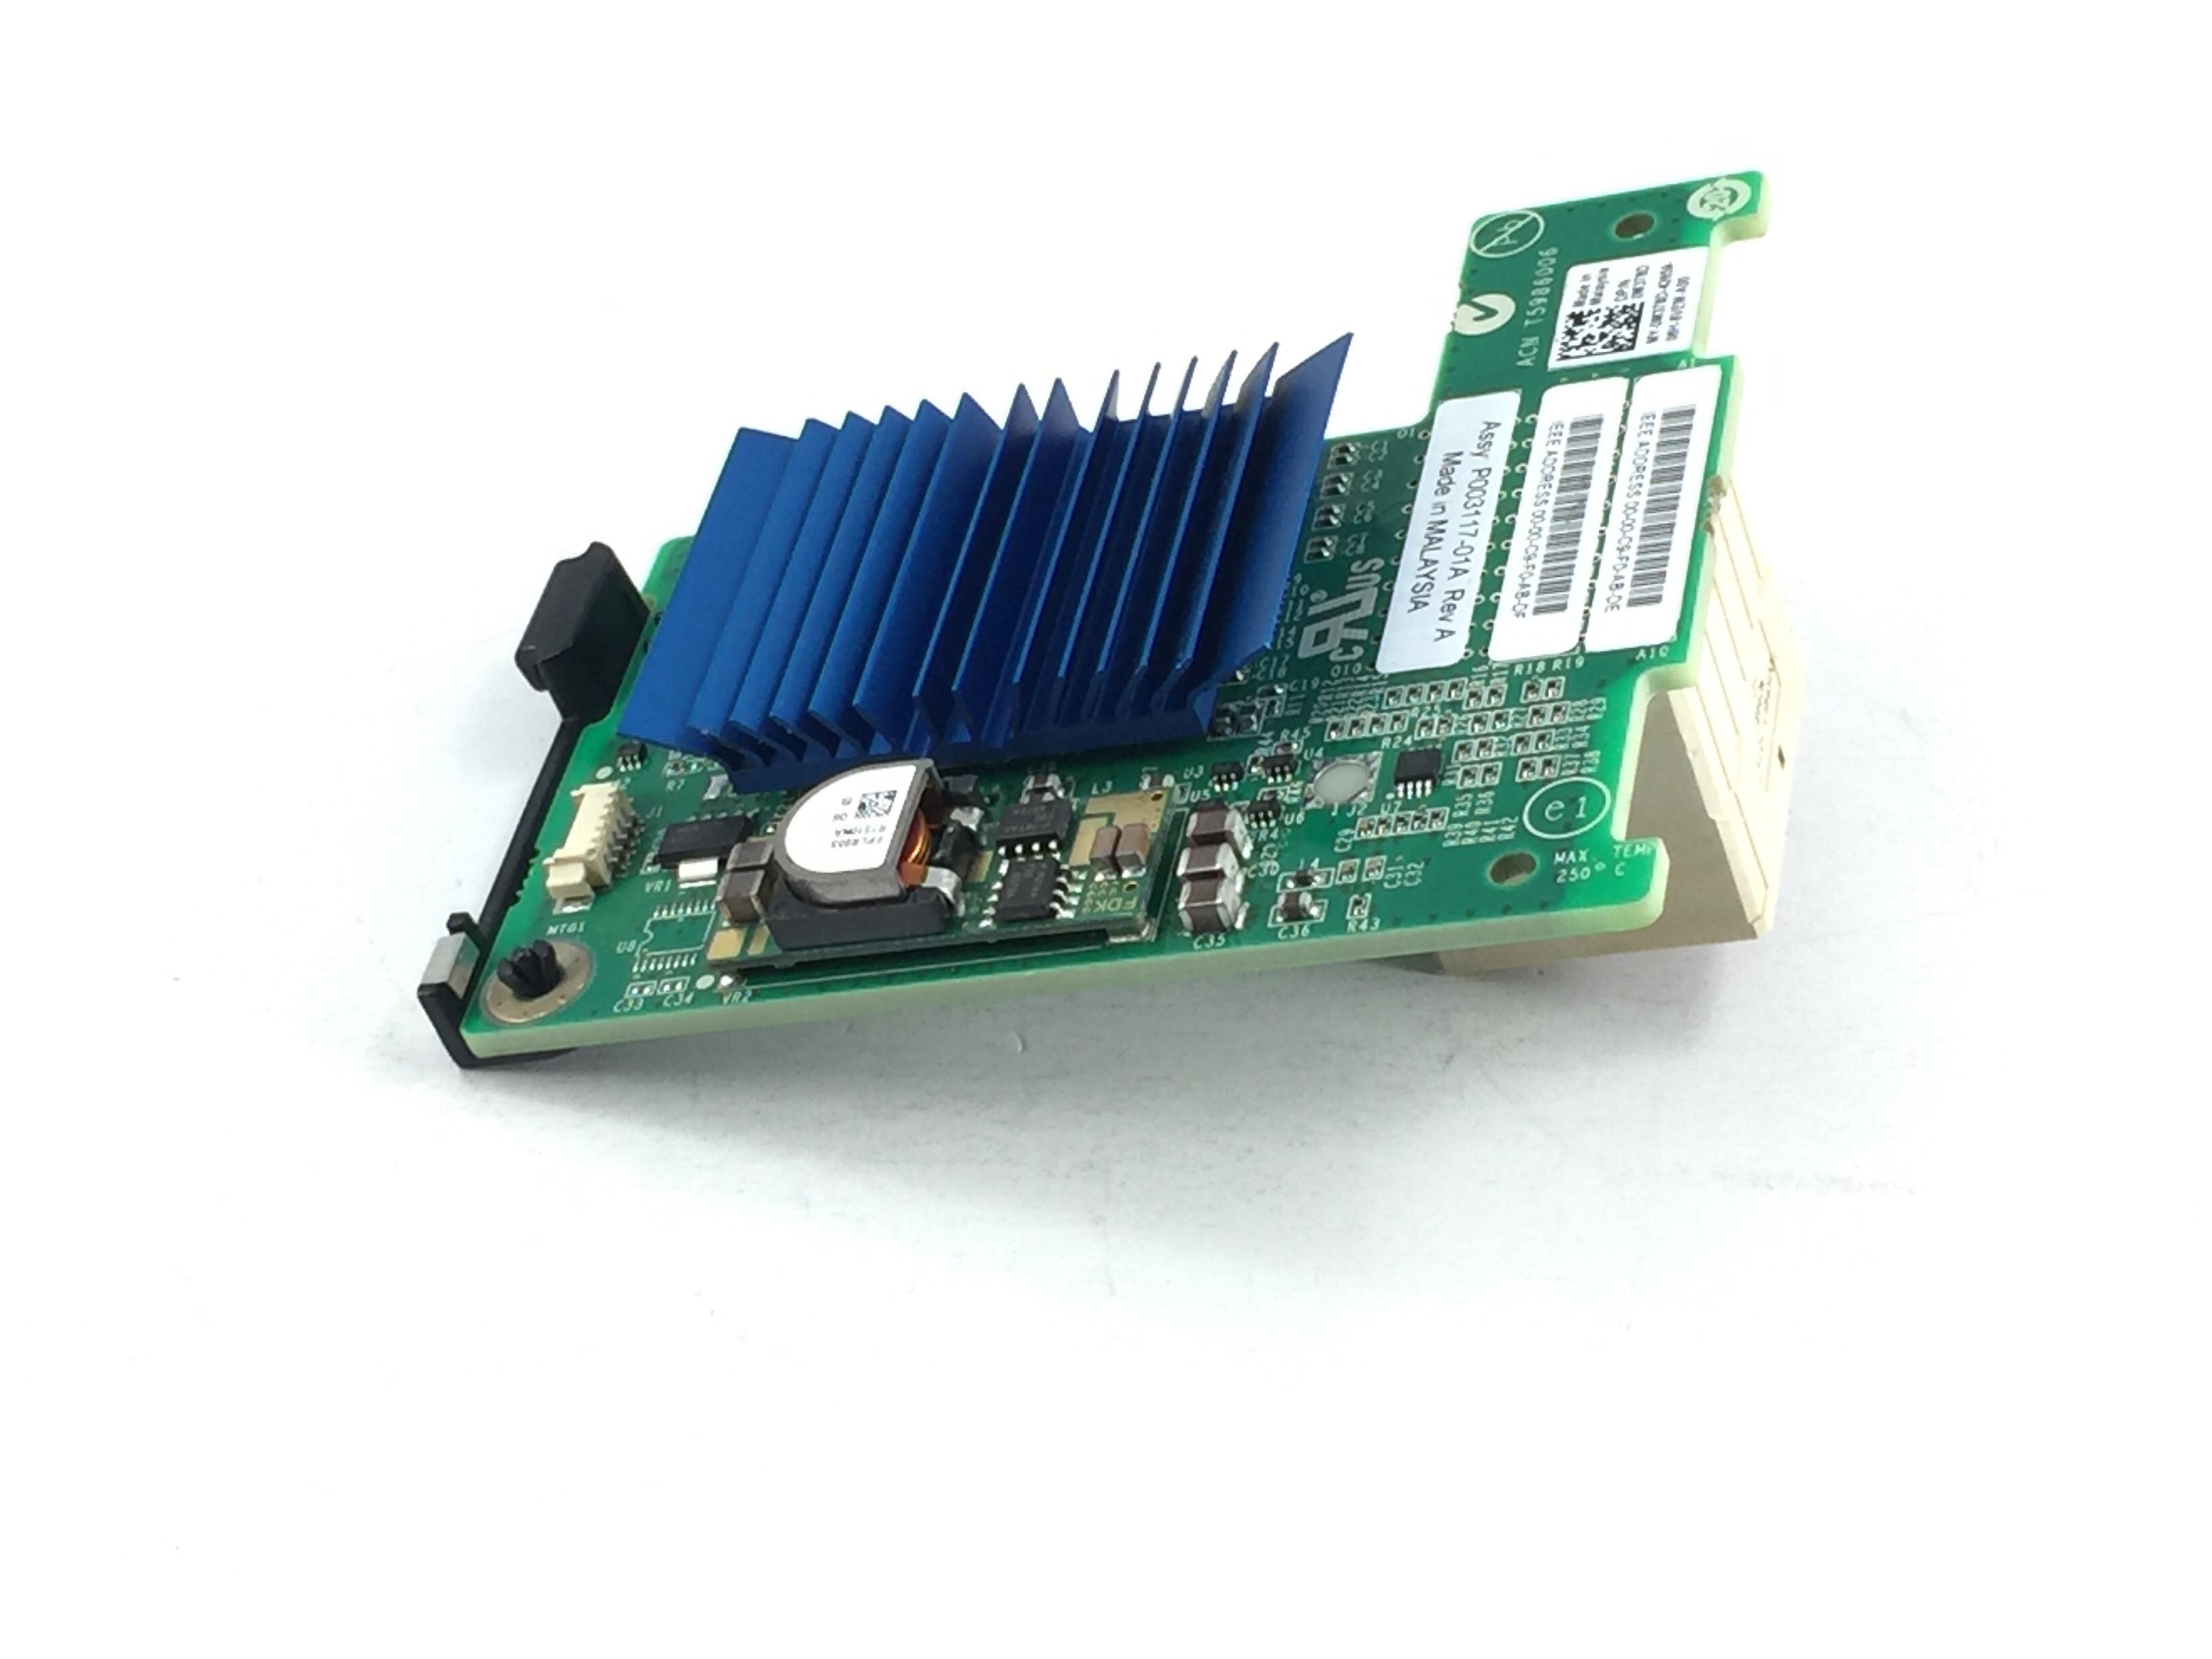 Dell Emulex Lpe1205 8Gbps Fibre Channel Mezzanine Card (M378D)